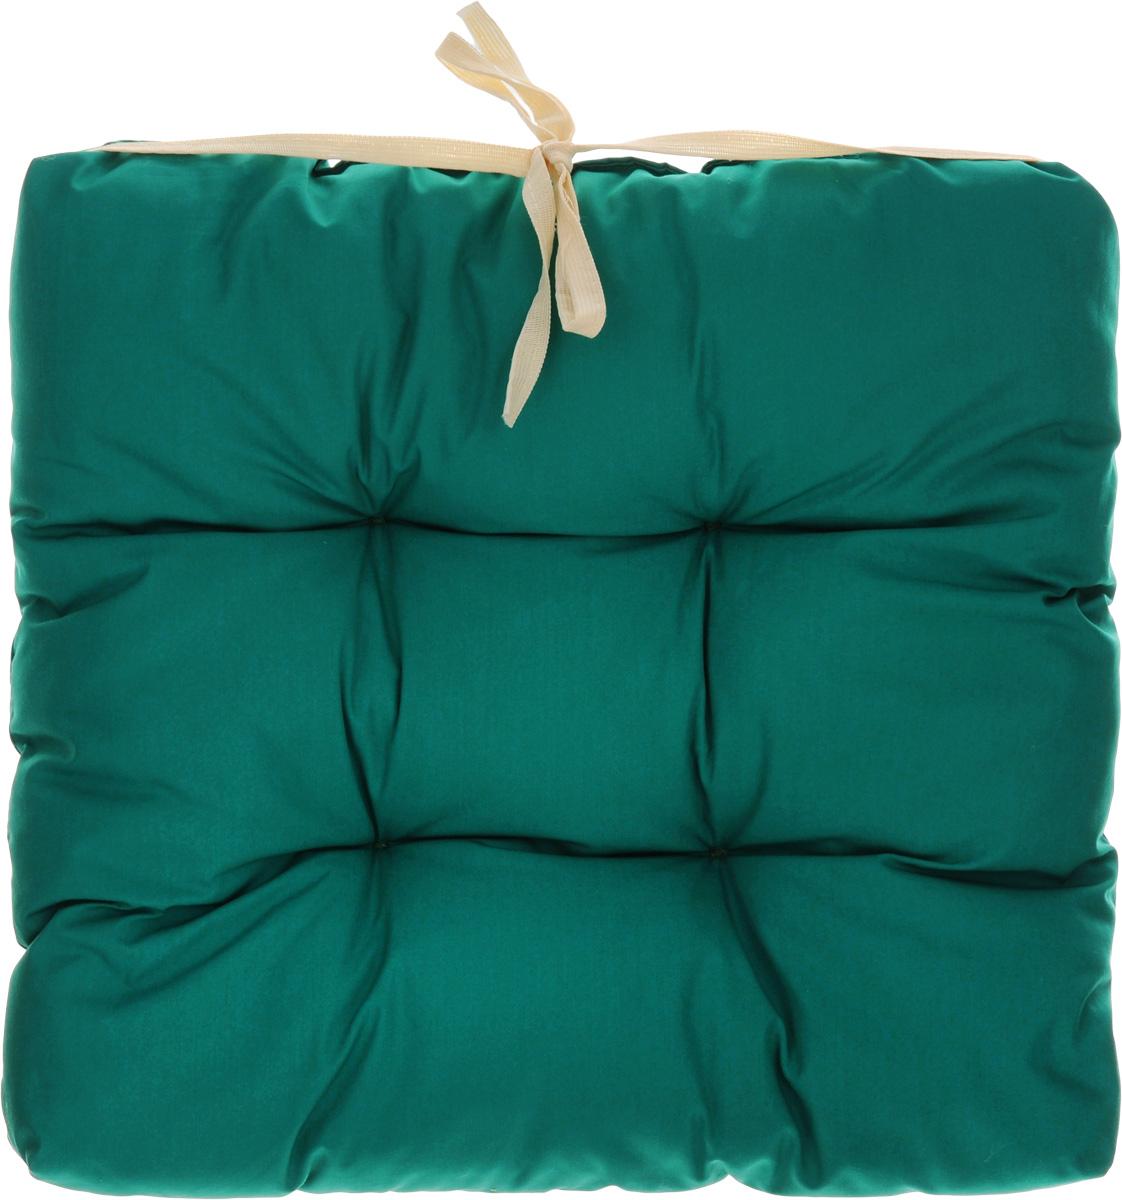 Подушка на стул Eva, объемная, цвет: зеленый, 40 х 40 смAMC-00070Подушка Eva, изготовленная из хлопка, прослужит вам не один десяток лет. Внутри - мягкий наполнитель из полиэстера. Стежка надежно удерживает наполнитель внутри и не позволяет ему скатываться. Подушка легко крепится на стул с помощью завязок. Правильно сидеть - значит сохранить здоровье на долгие годы. Жесткие сидения подвергают наше здоровье опасности. Подушка с наполнителем из полиэстера поможет предотвратить многие беды, которыми грозит сидячий образ жизни.